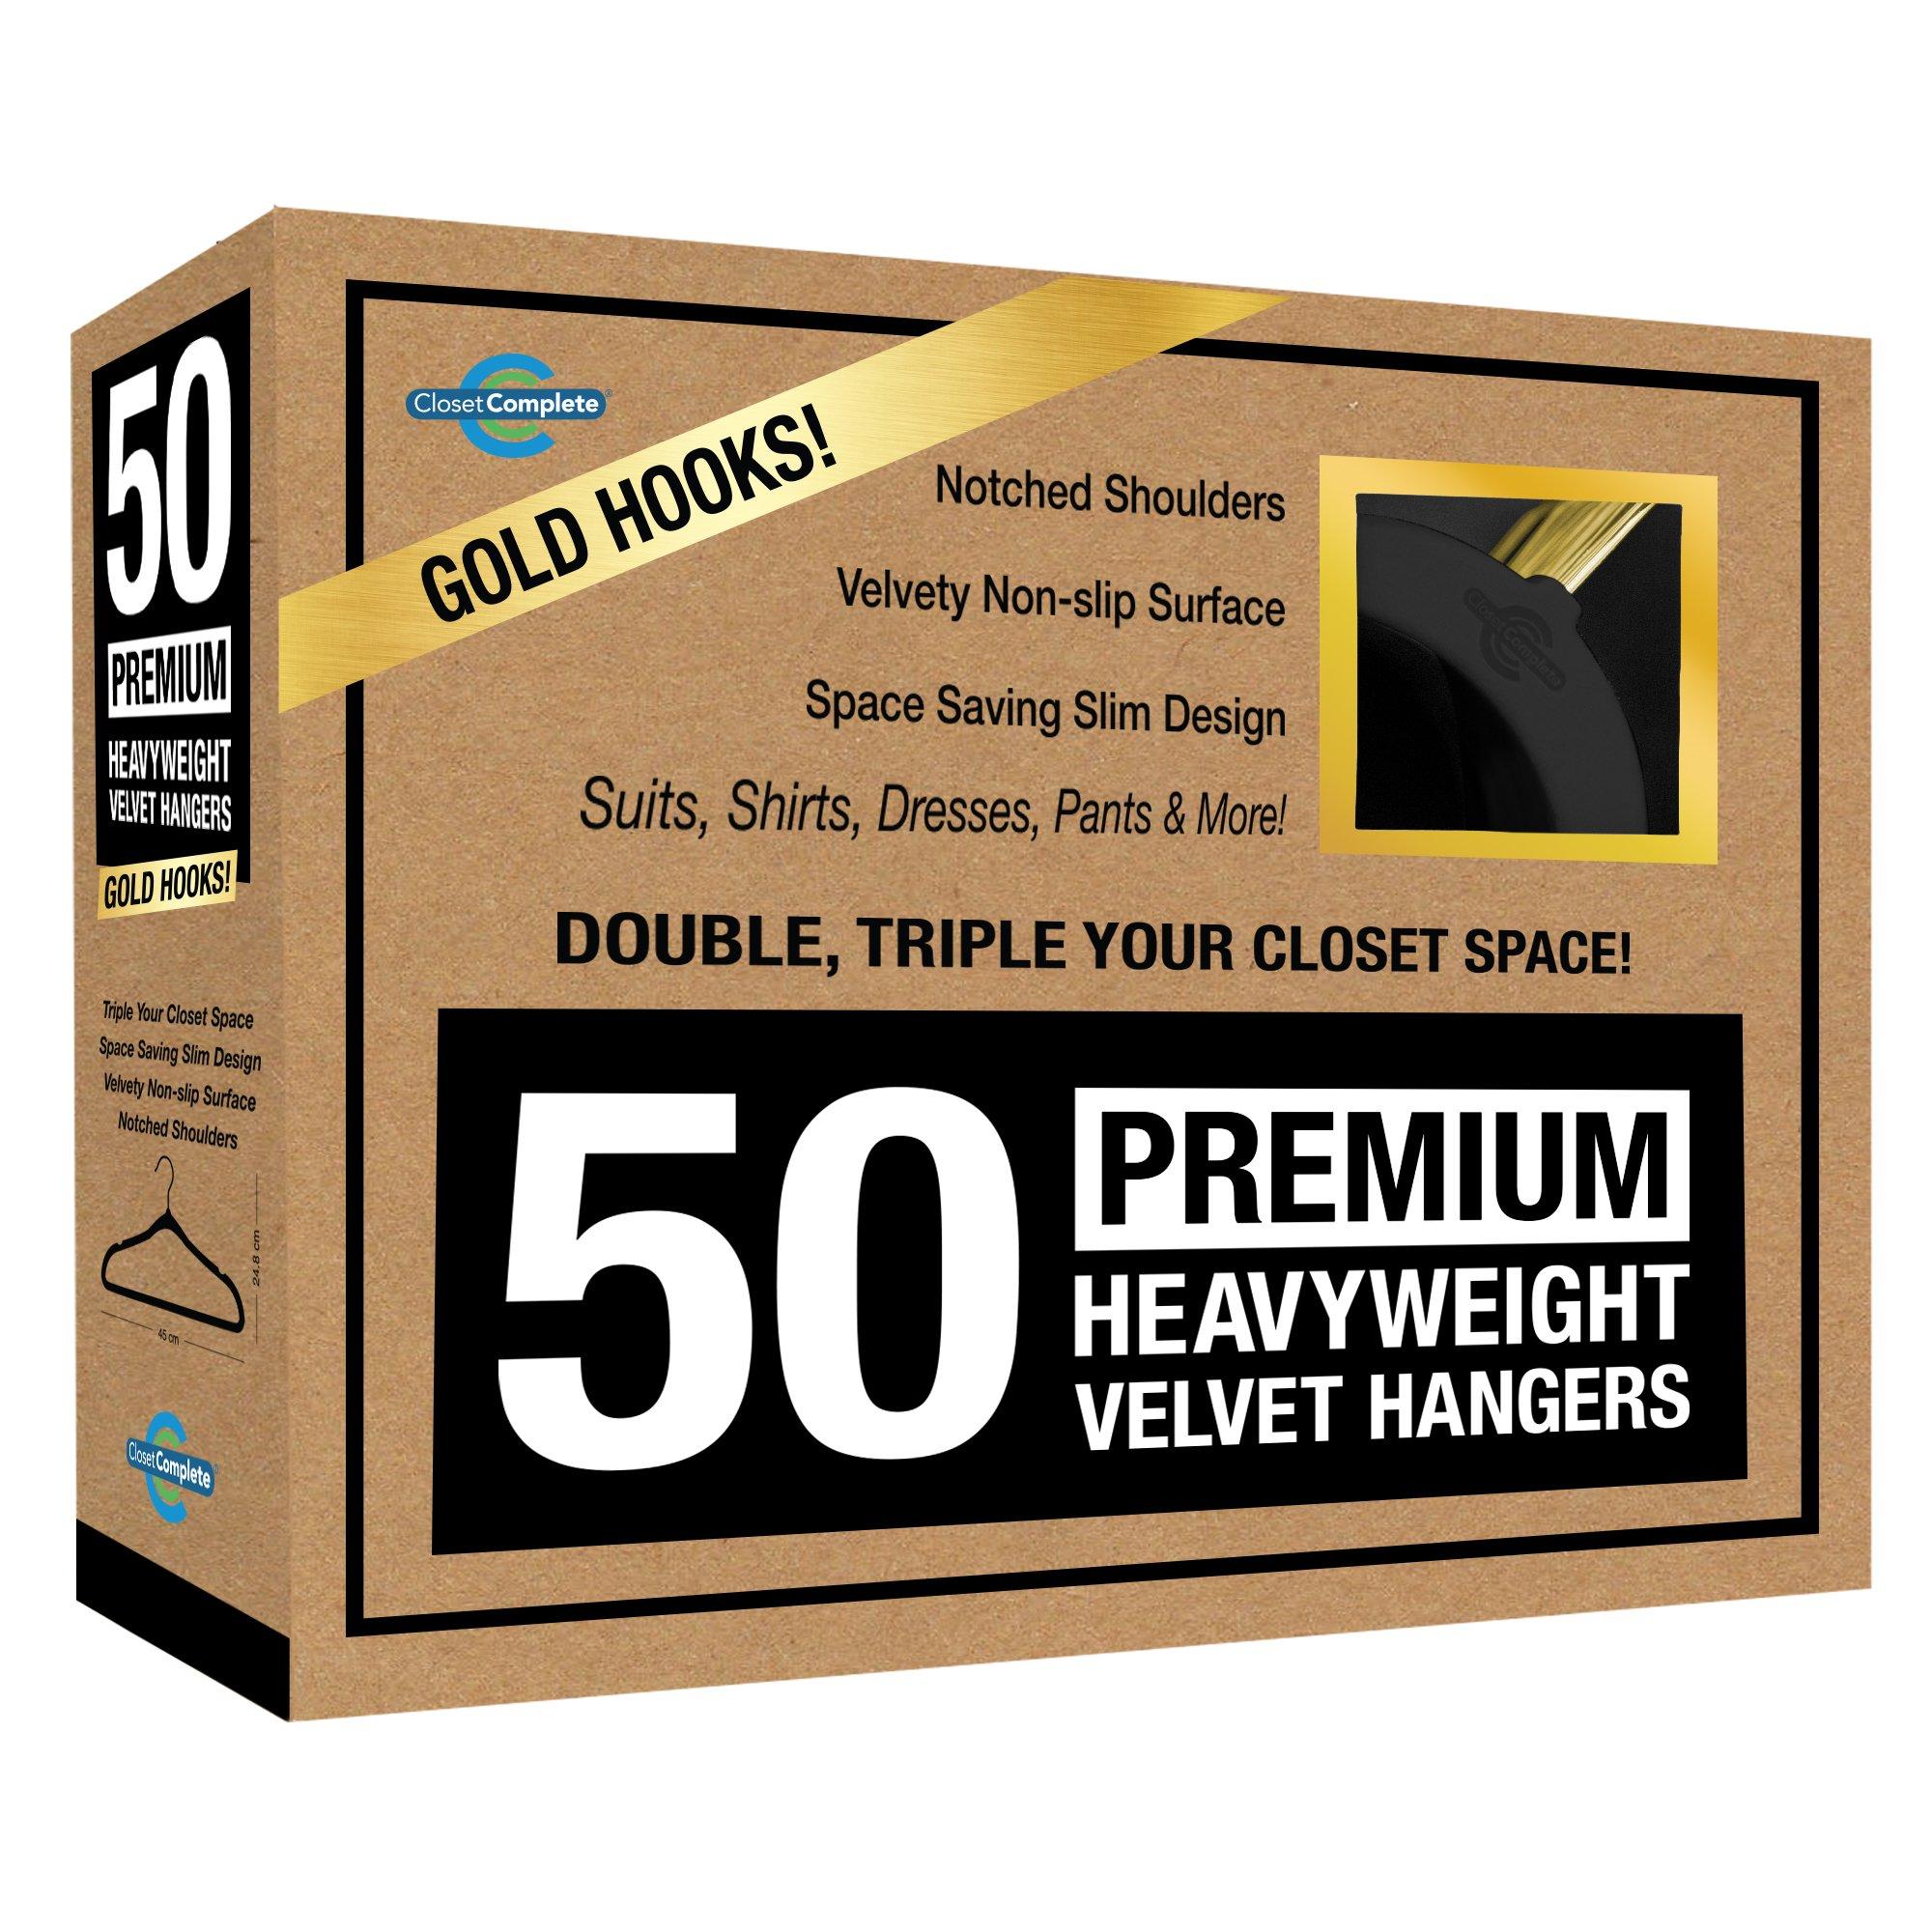 Closet Complete 71740 Velvet Suit Hangers, 50, Black by Closet Complete